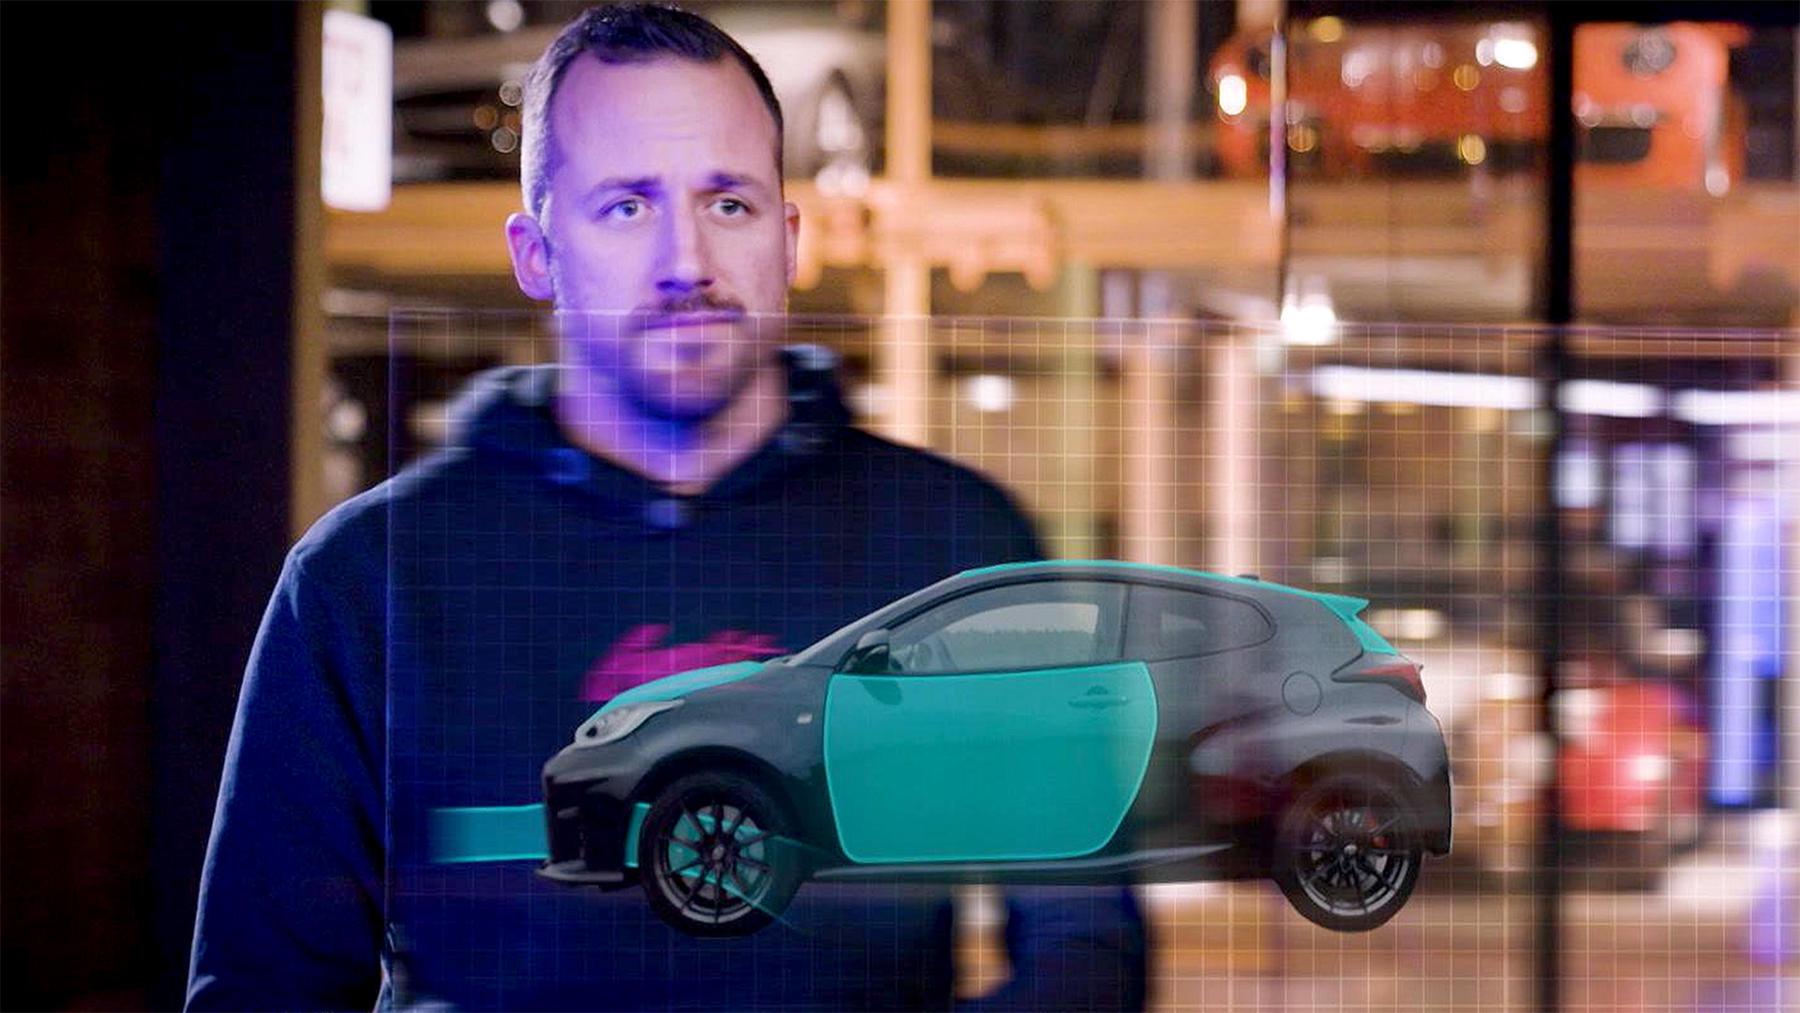 Heute u.a.: Lance testet den Toyota GR Yaris